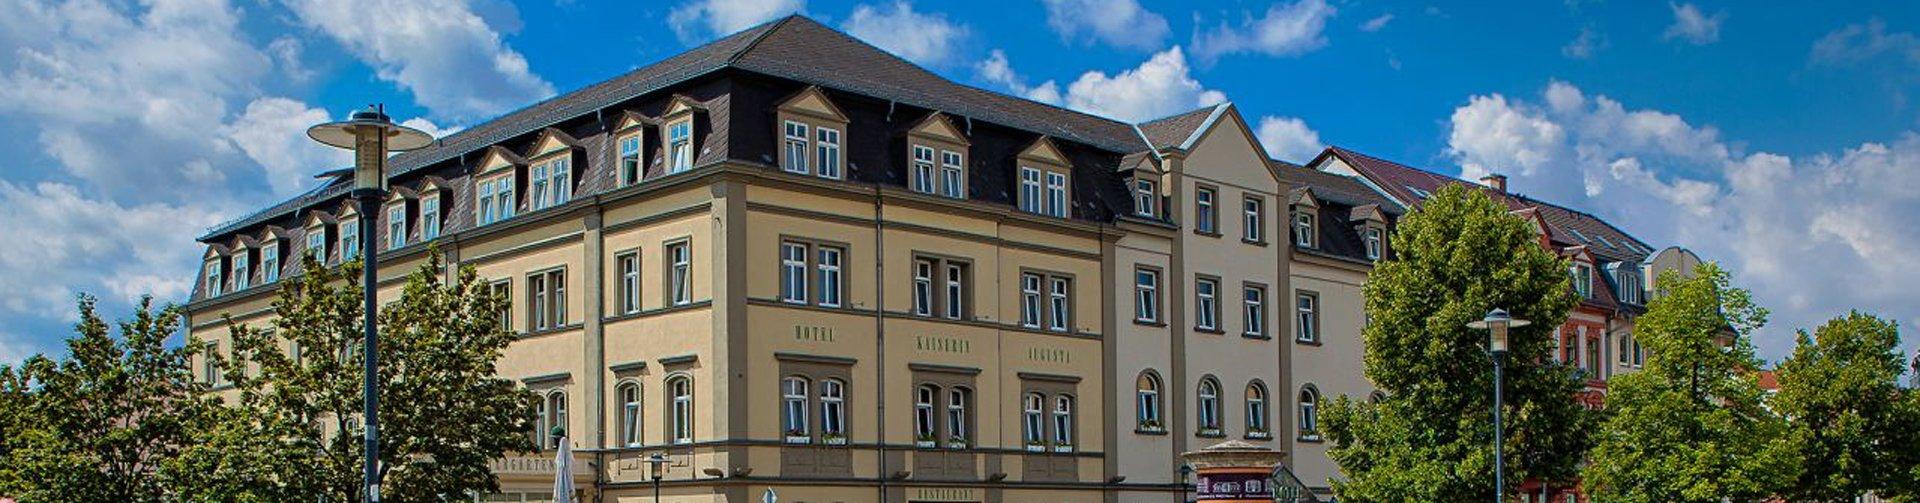 Hotel Kaiserin Augusta - Weimar